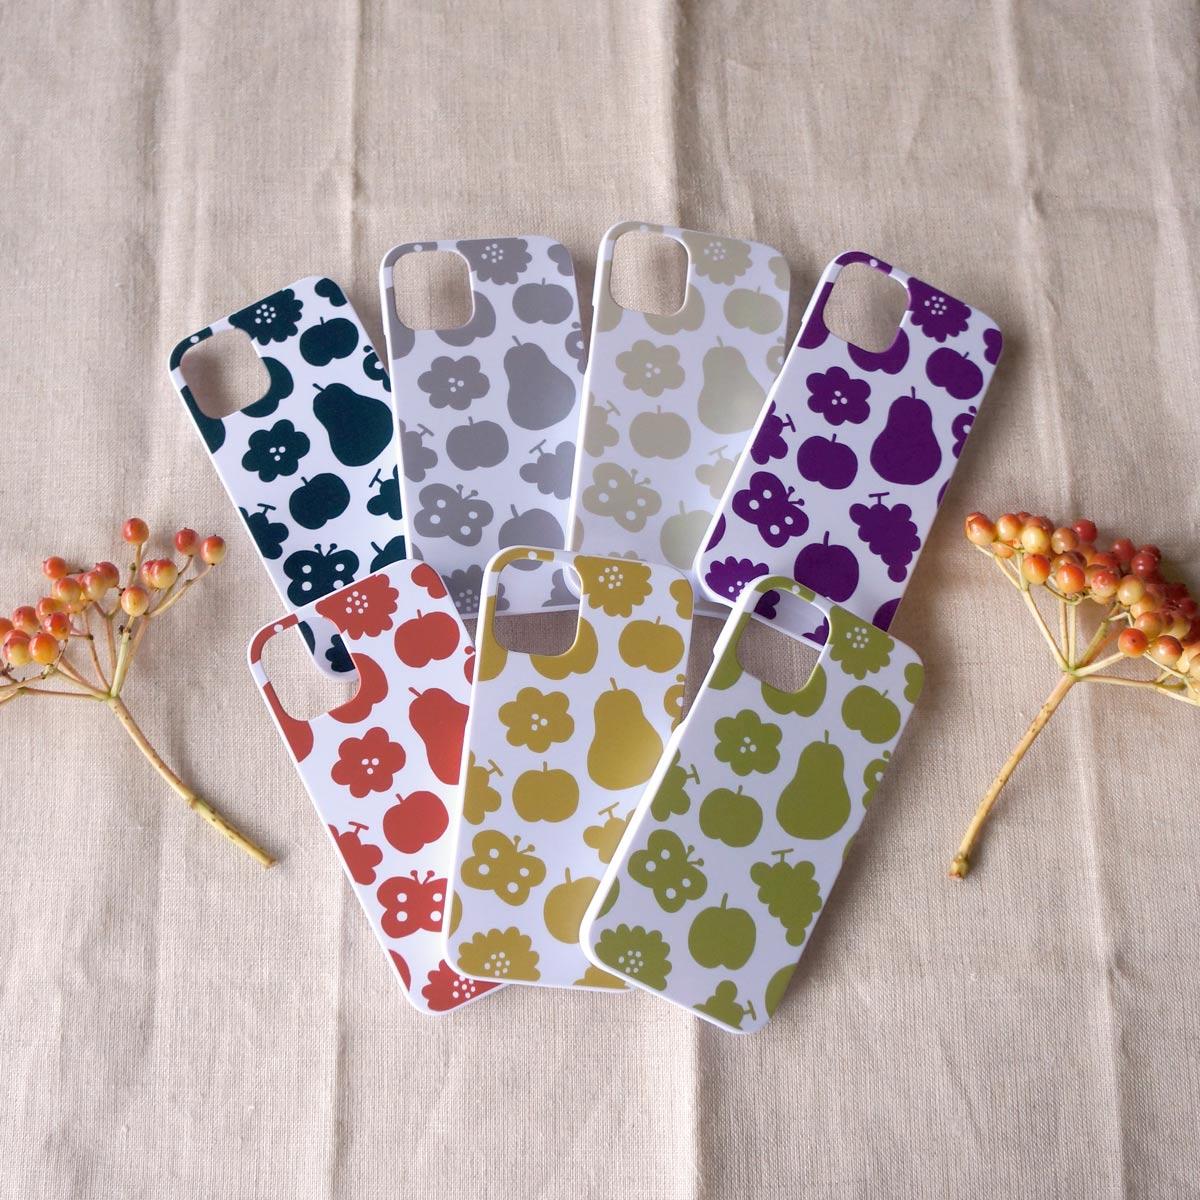 新作スマホケース「花と果実と蝶模様」をお店に並べました☆彡